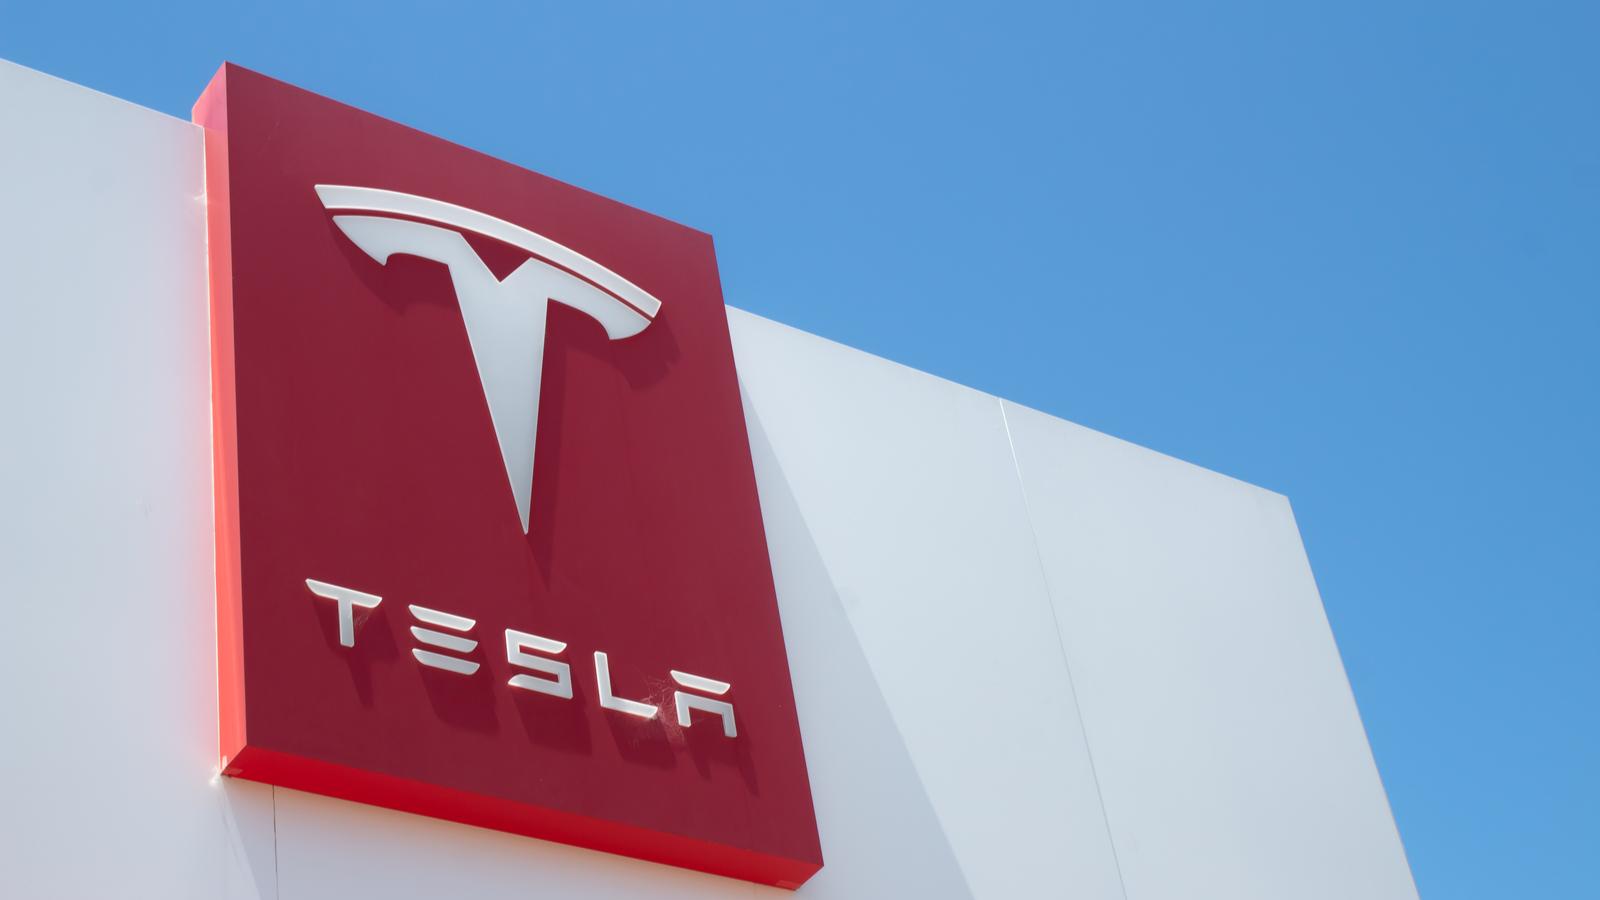 Tesla : le niveau 5 d'autonomie des véhicules, le plus élevé, serait bientôt atteint, d'après Elon Musk